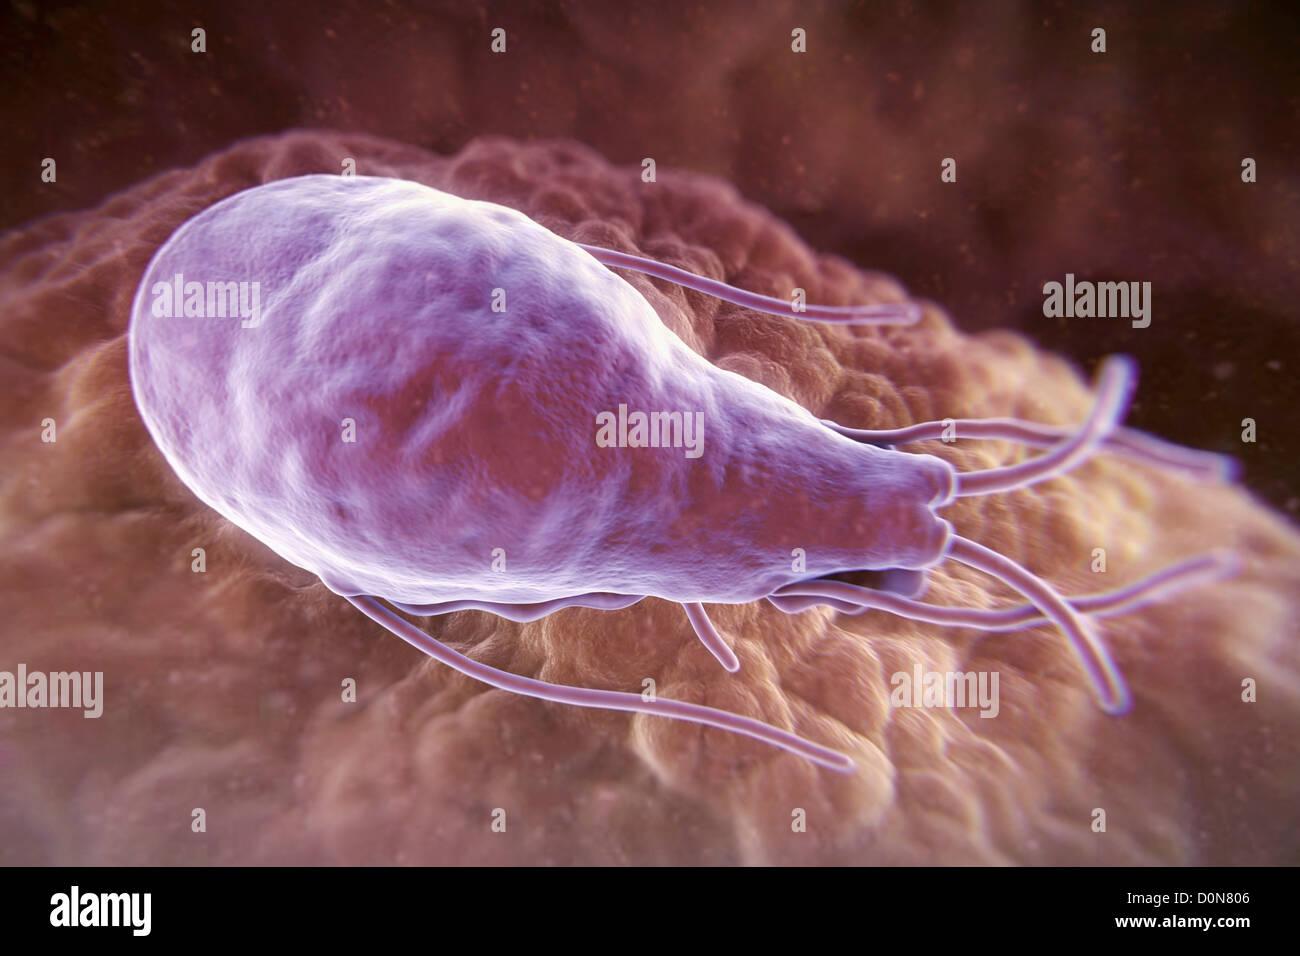 паразиты живущие в человеке